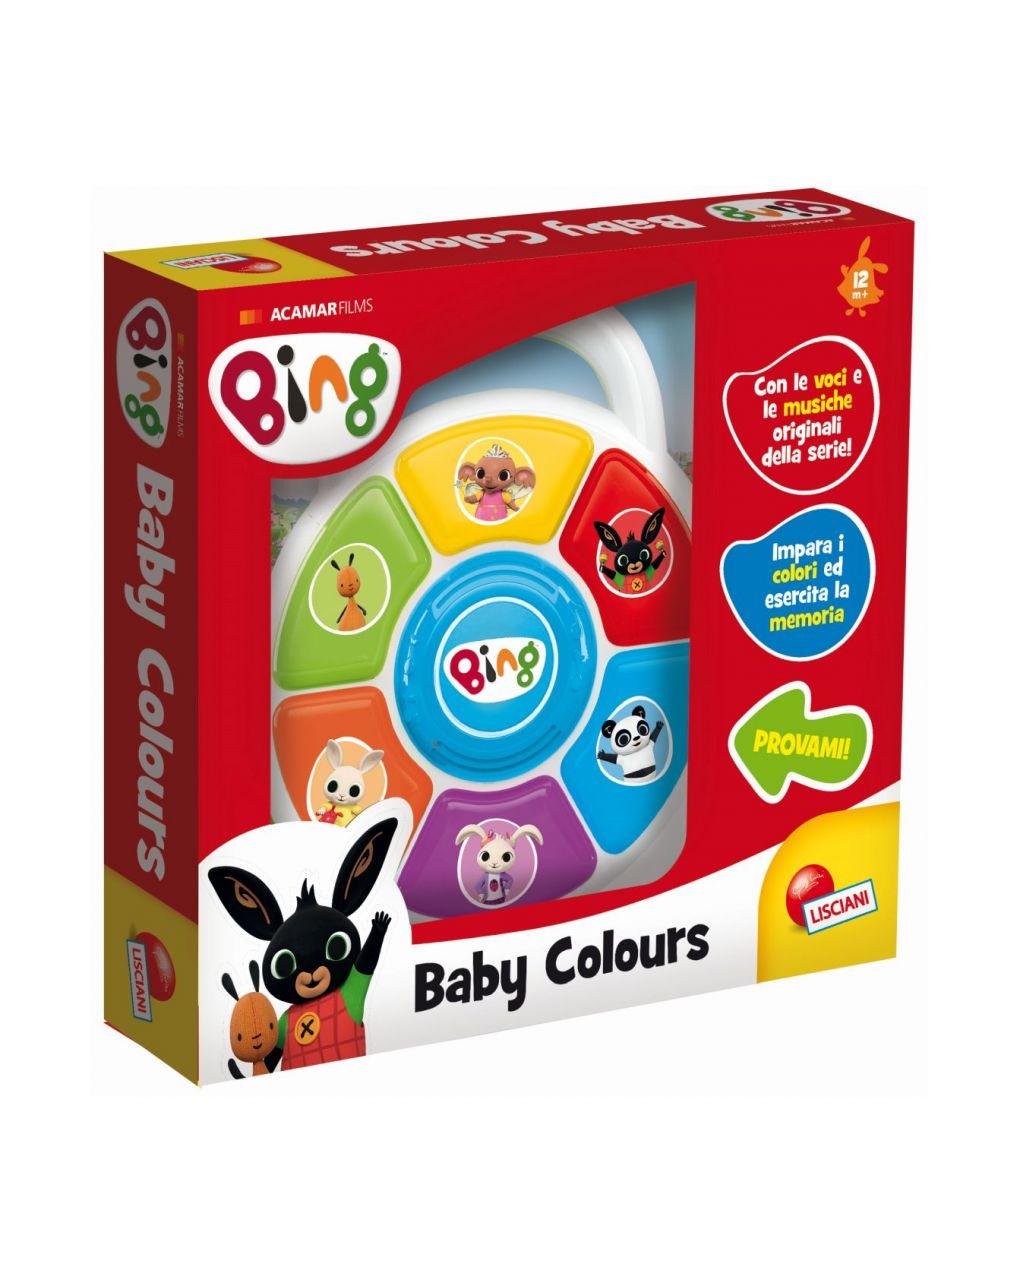 Lisciani – bing baby colours - Bing